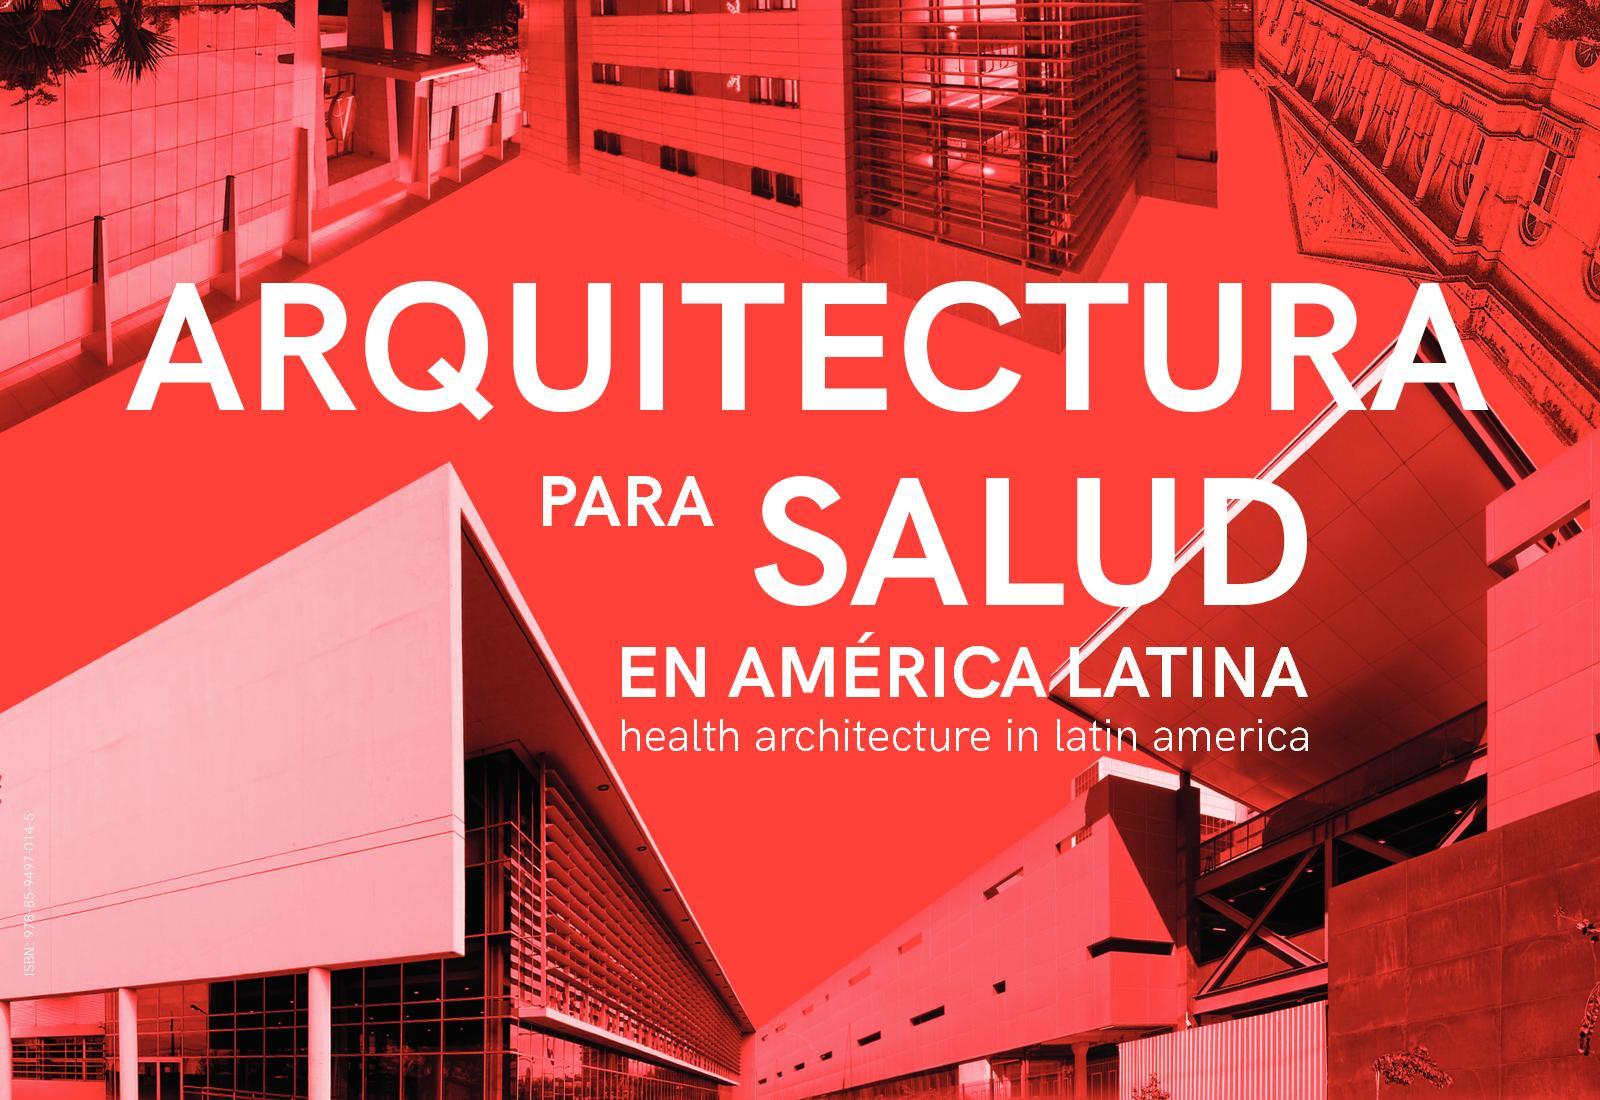 Calaméo - Arquitectura para salud en América Latina